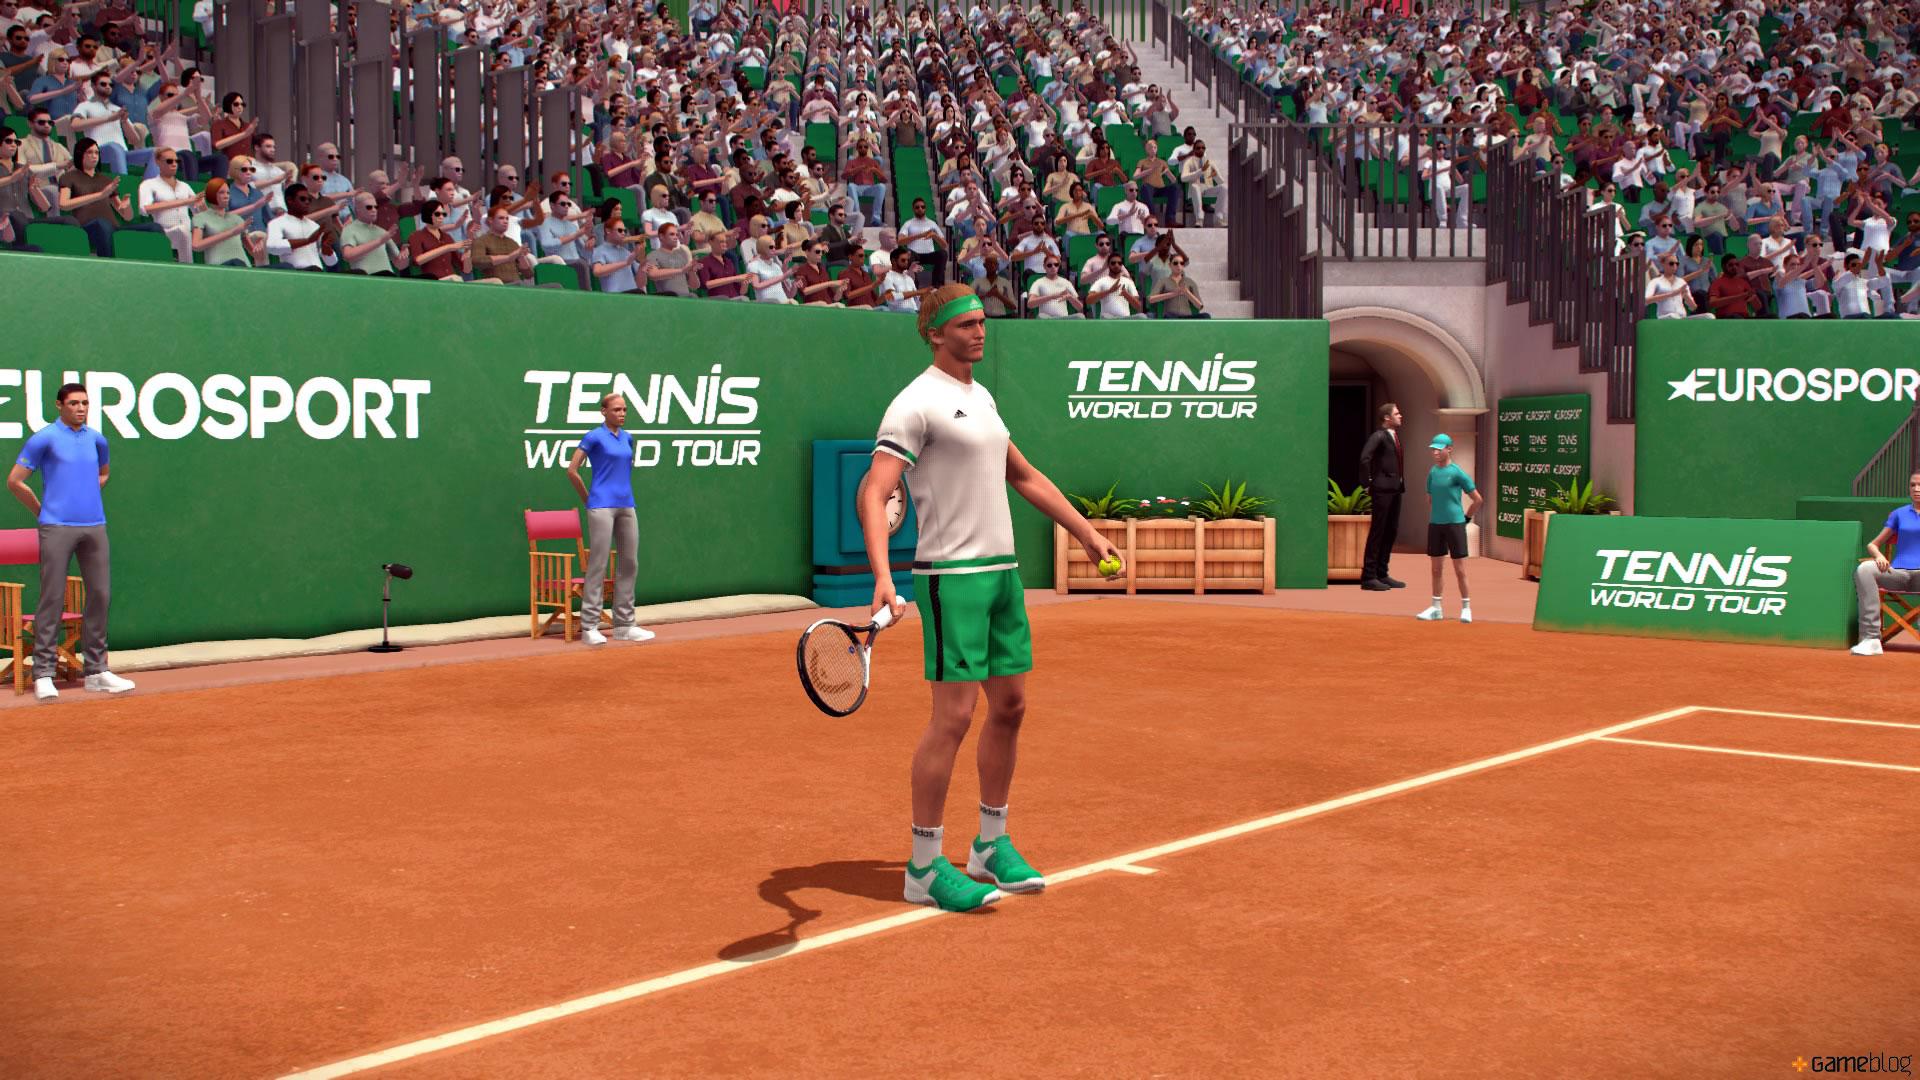 TennisWorldTour PS4 Test 001